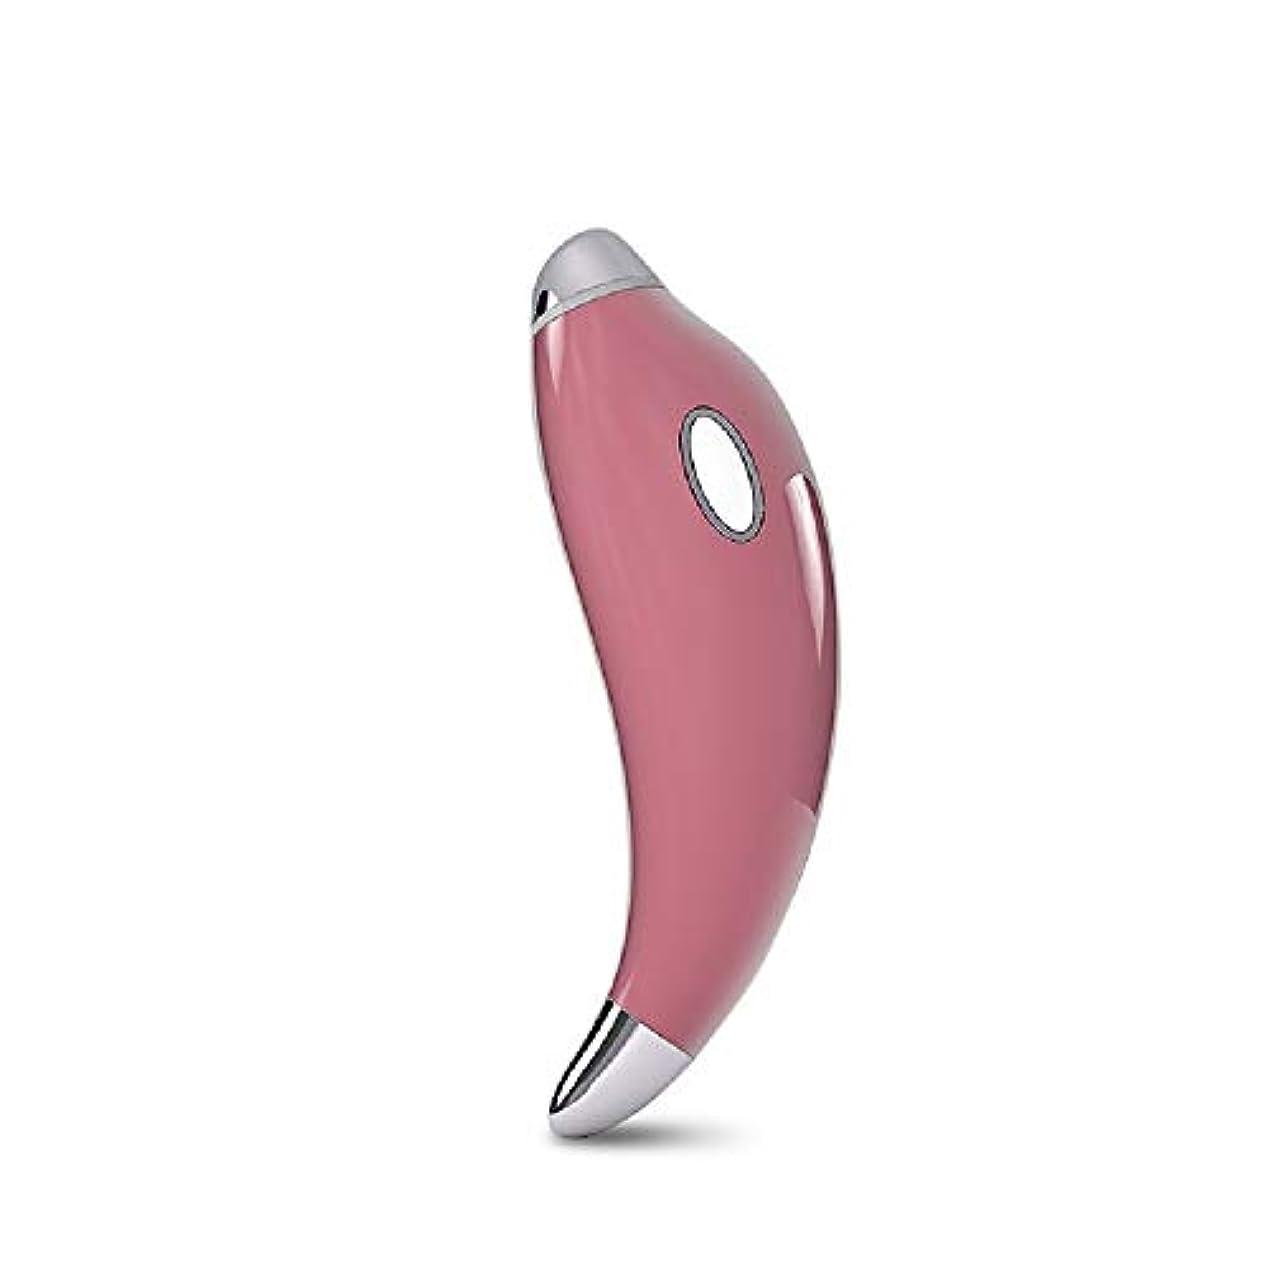 接続詞焦げ不運Gf ファッショントレンド高度なインテリジェントホットマジックワンド、しわ防止イオンイオントリートメントアイマッサージスティック 購入へようこそ (Color : Pink)